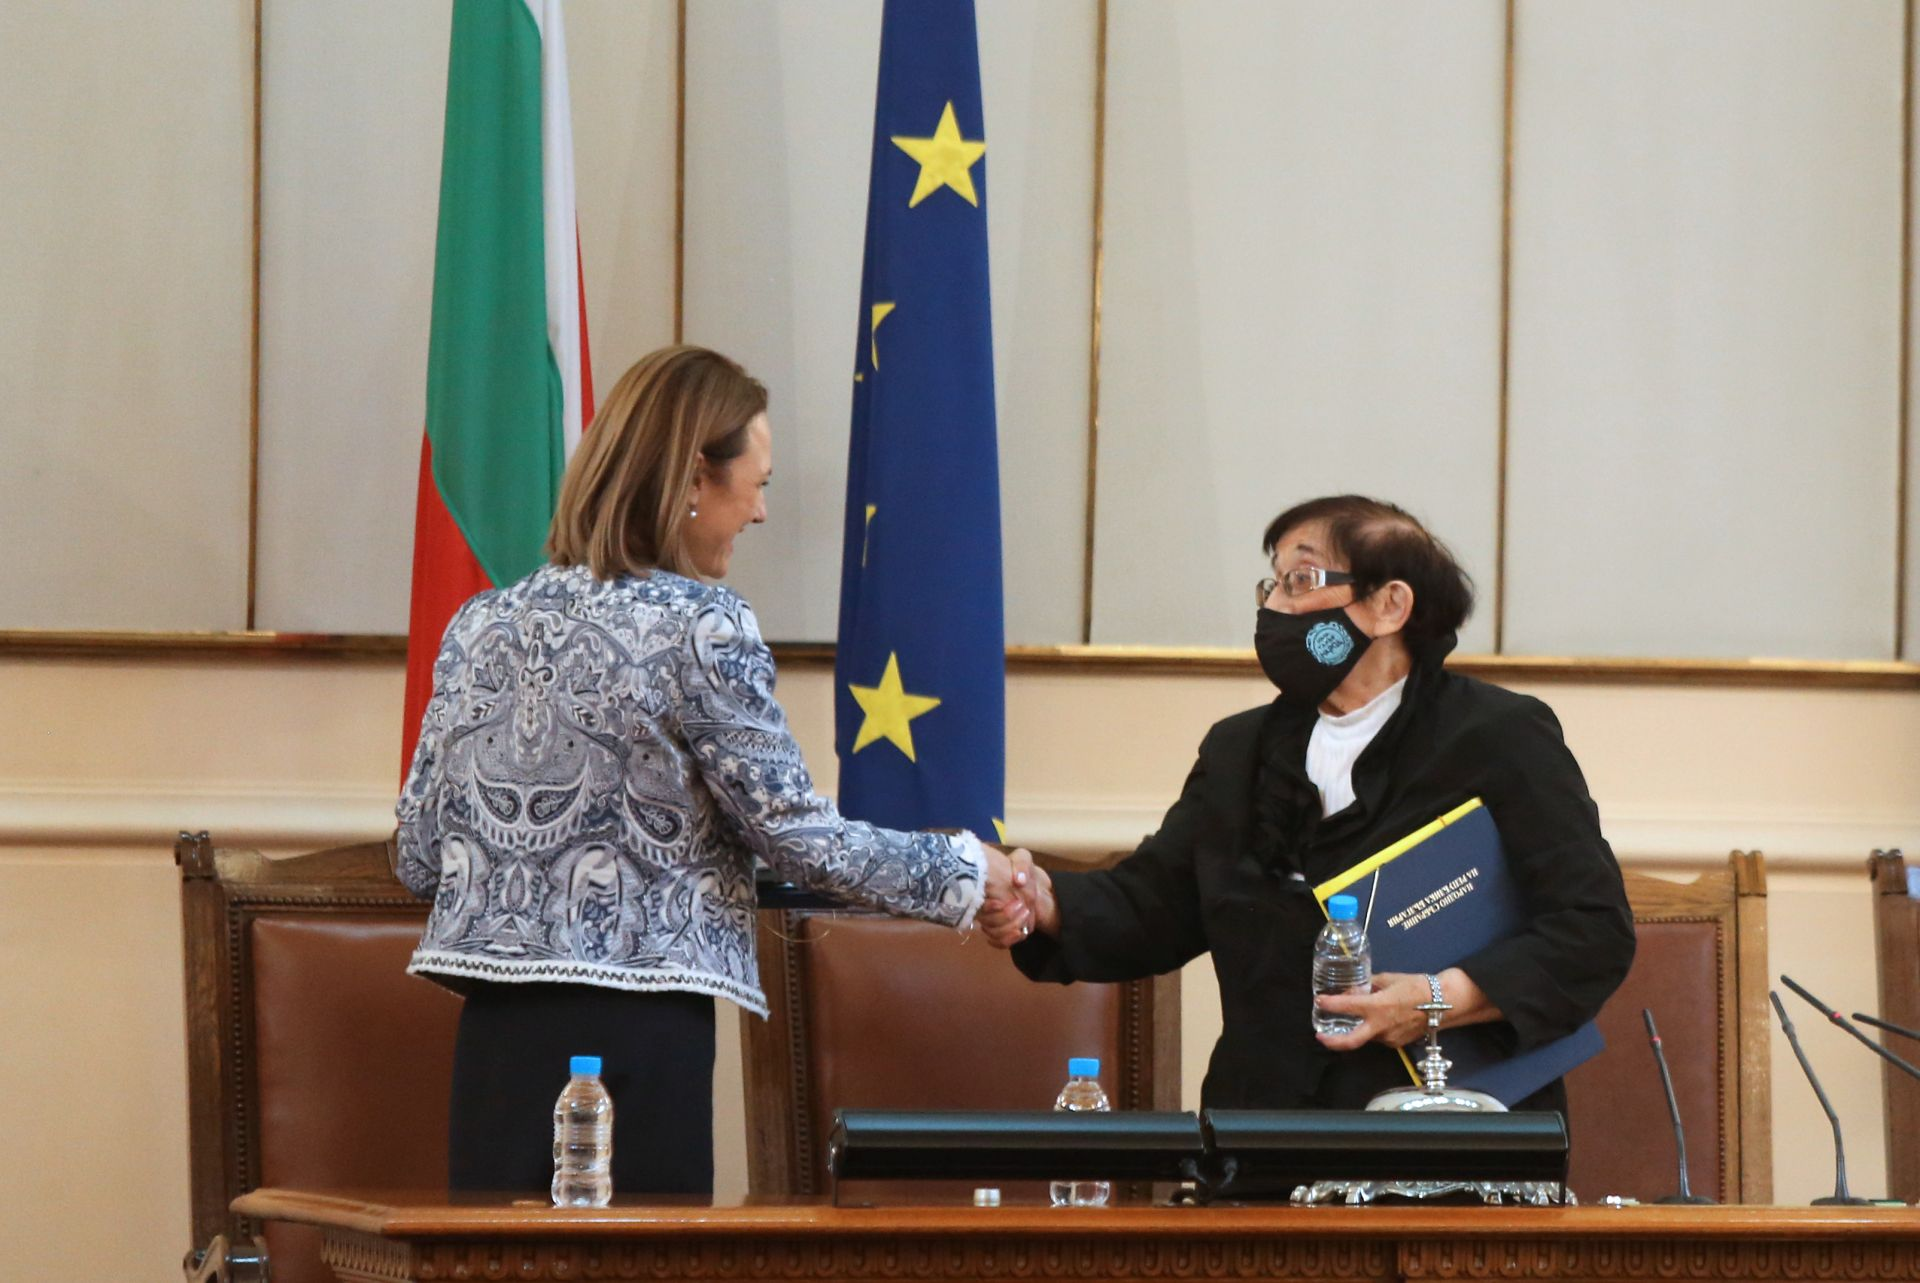 Ива Митева се ръкува с Мика Зайкова, която води заседанието преди нейното избиране, тъй като е най-възрастният депутат